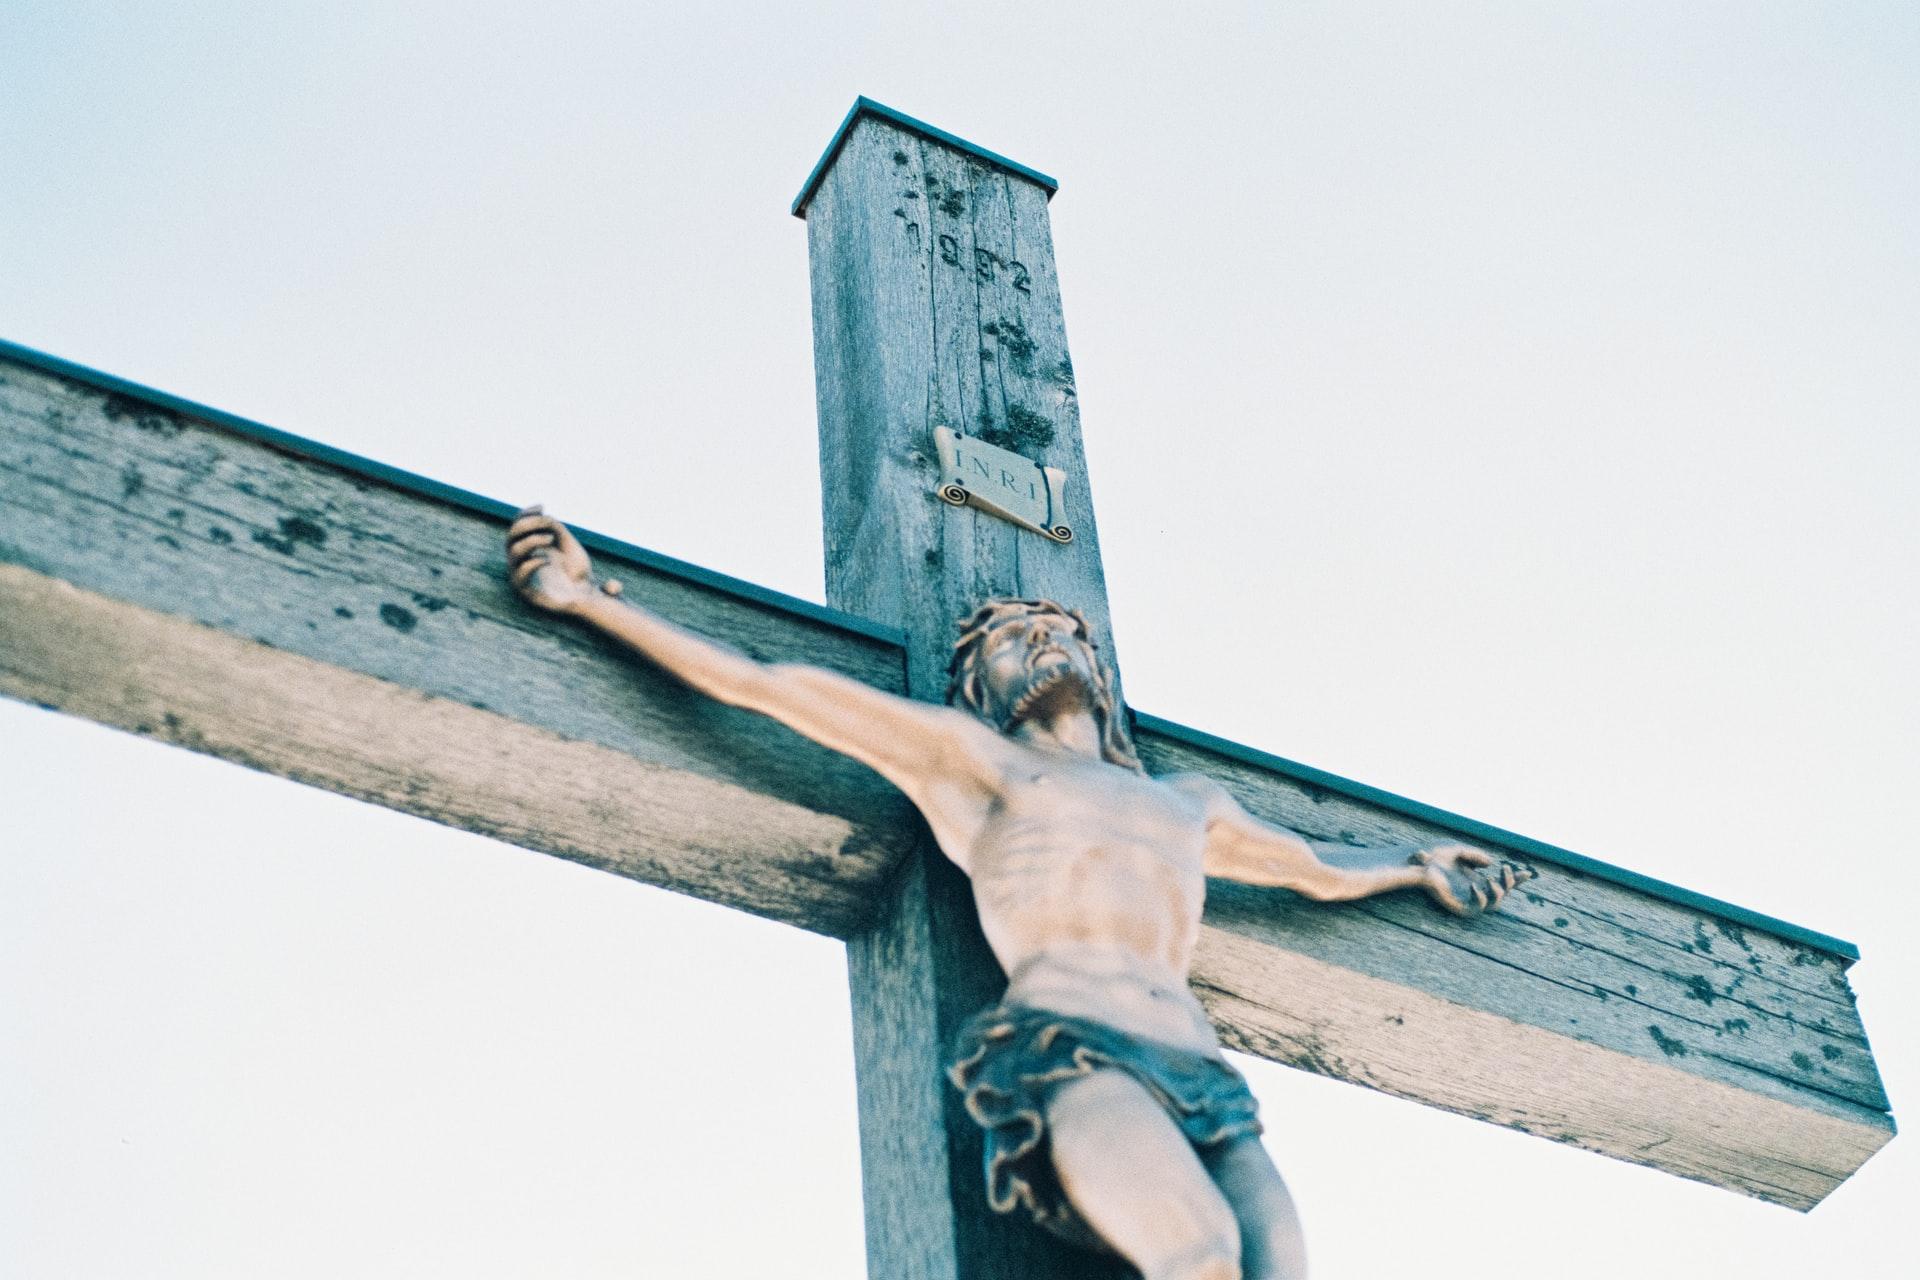 Jezus niet gestorven aan het kruis volgens de feiten in het Evangelie